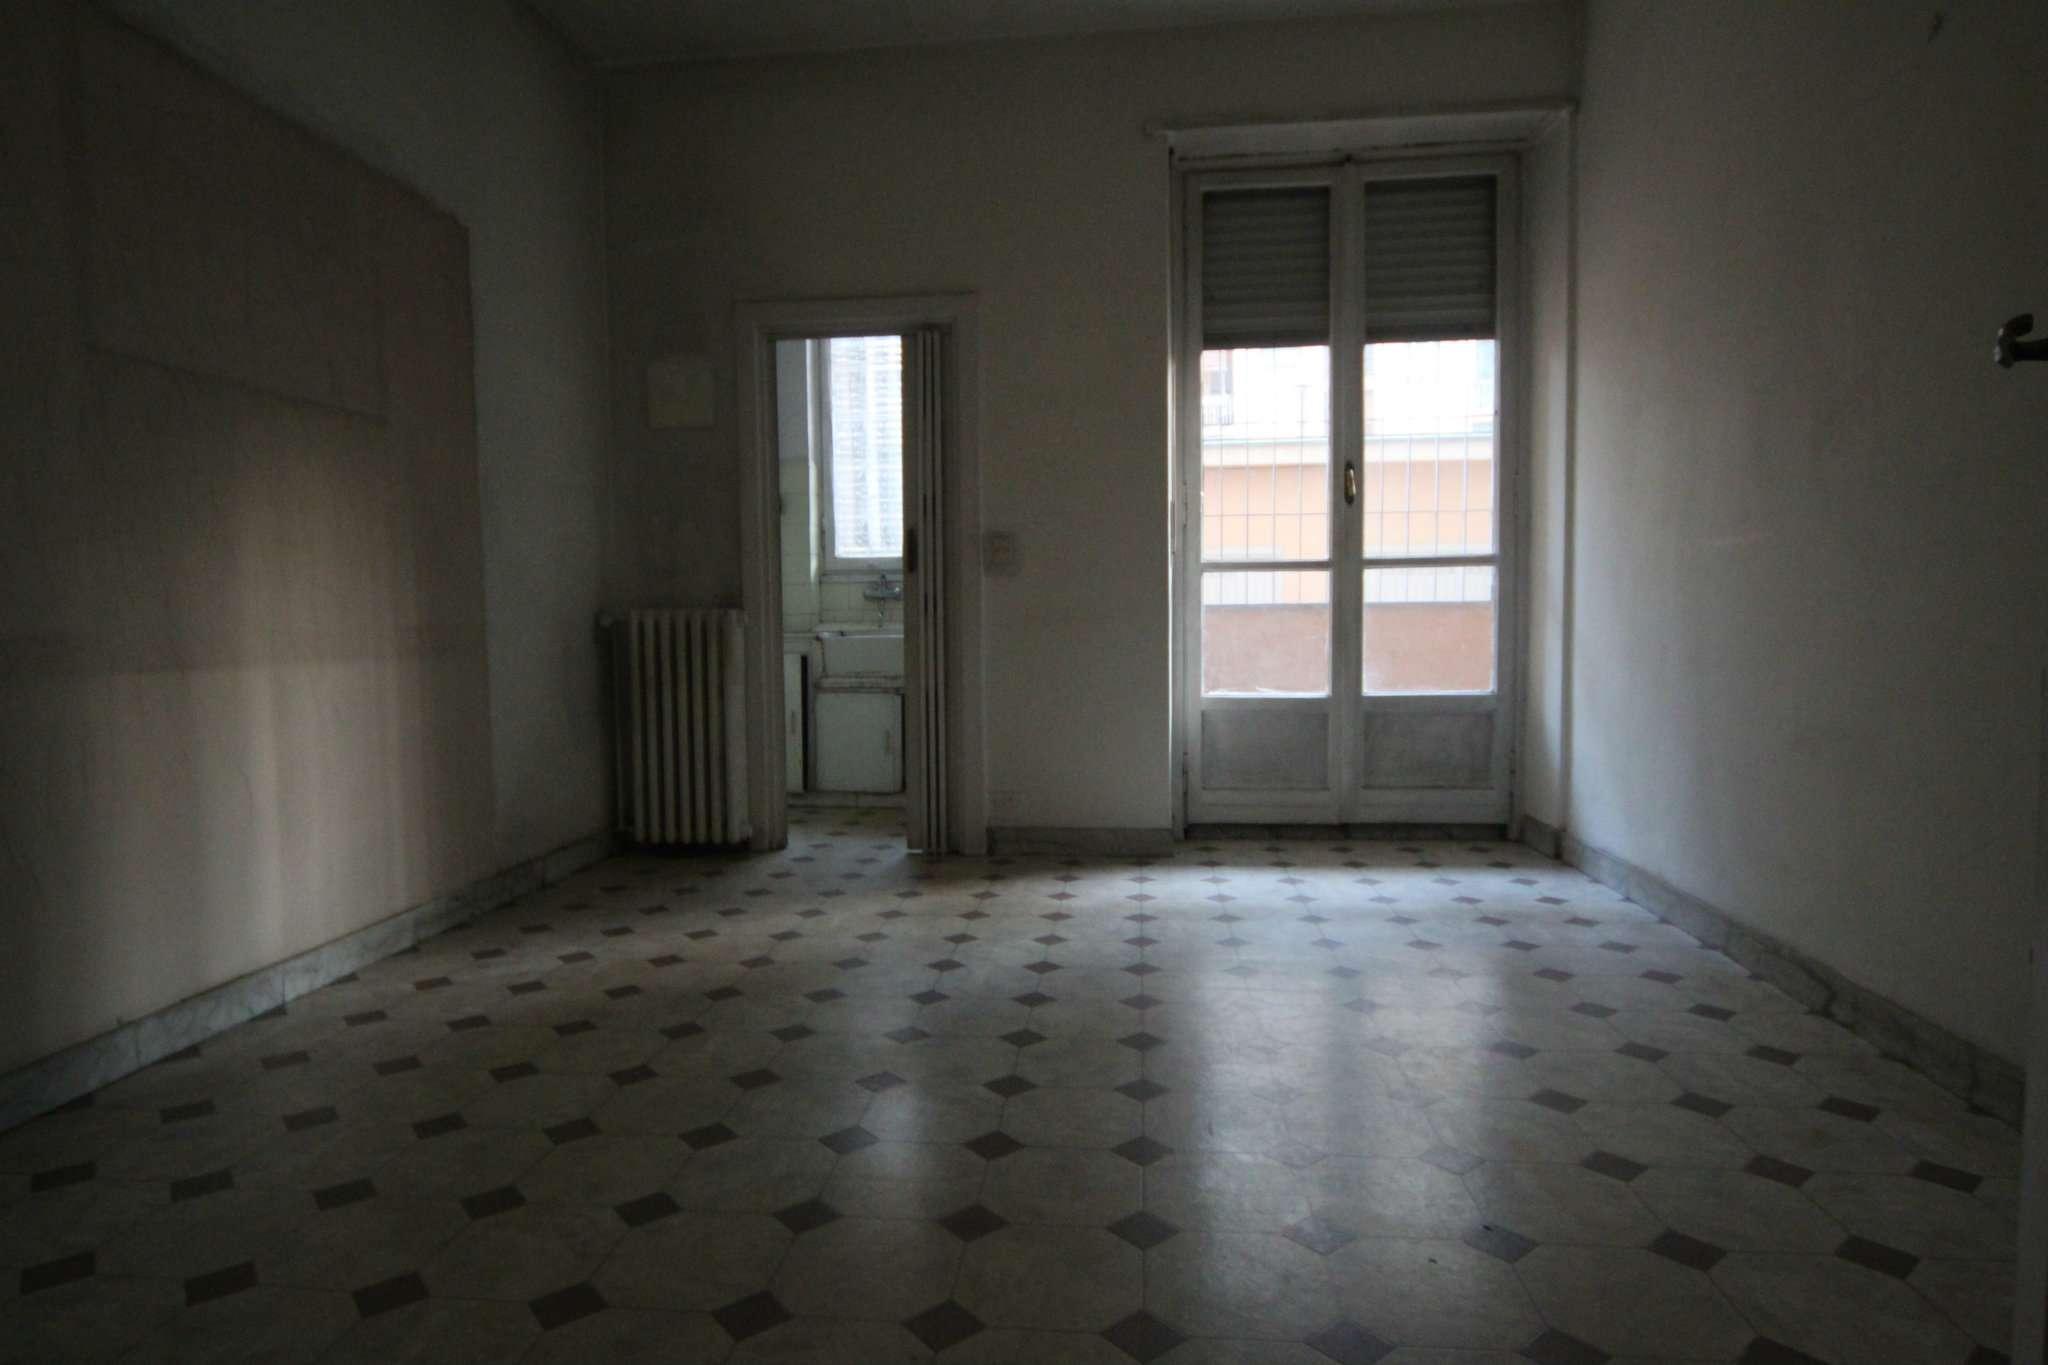 Appartamento in affitto Zona Cit Turin, San Donato, Campidoglio - piazza Risorgimento 8 Torino